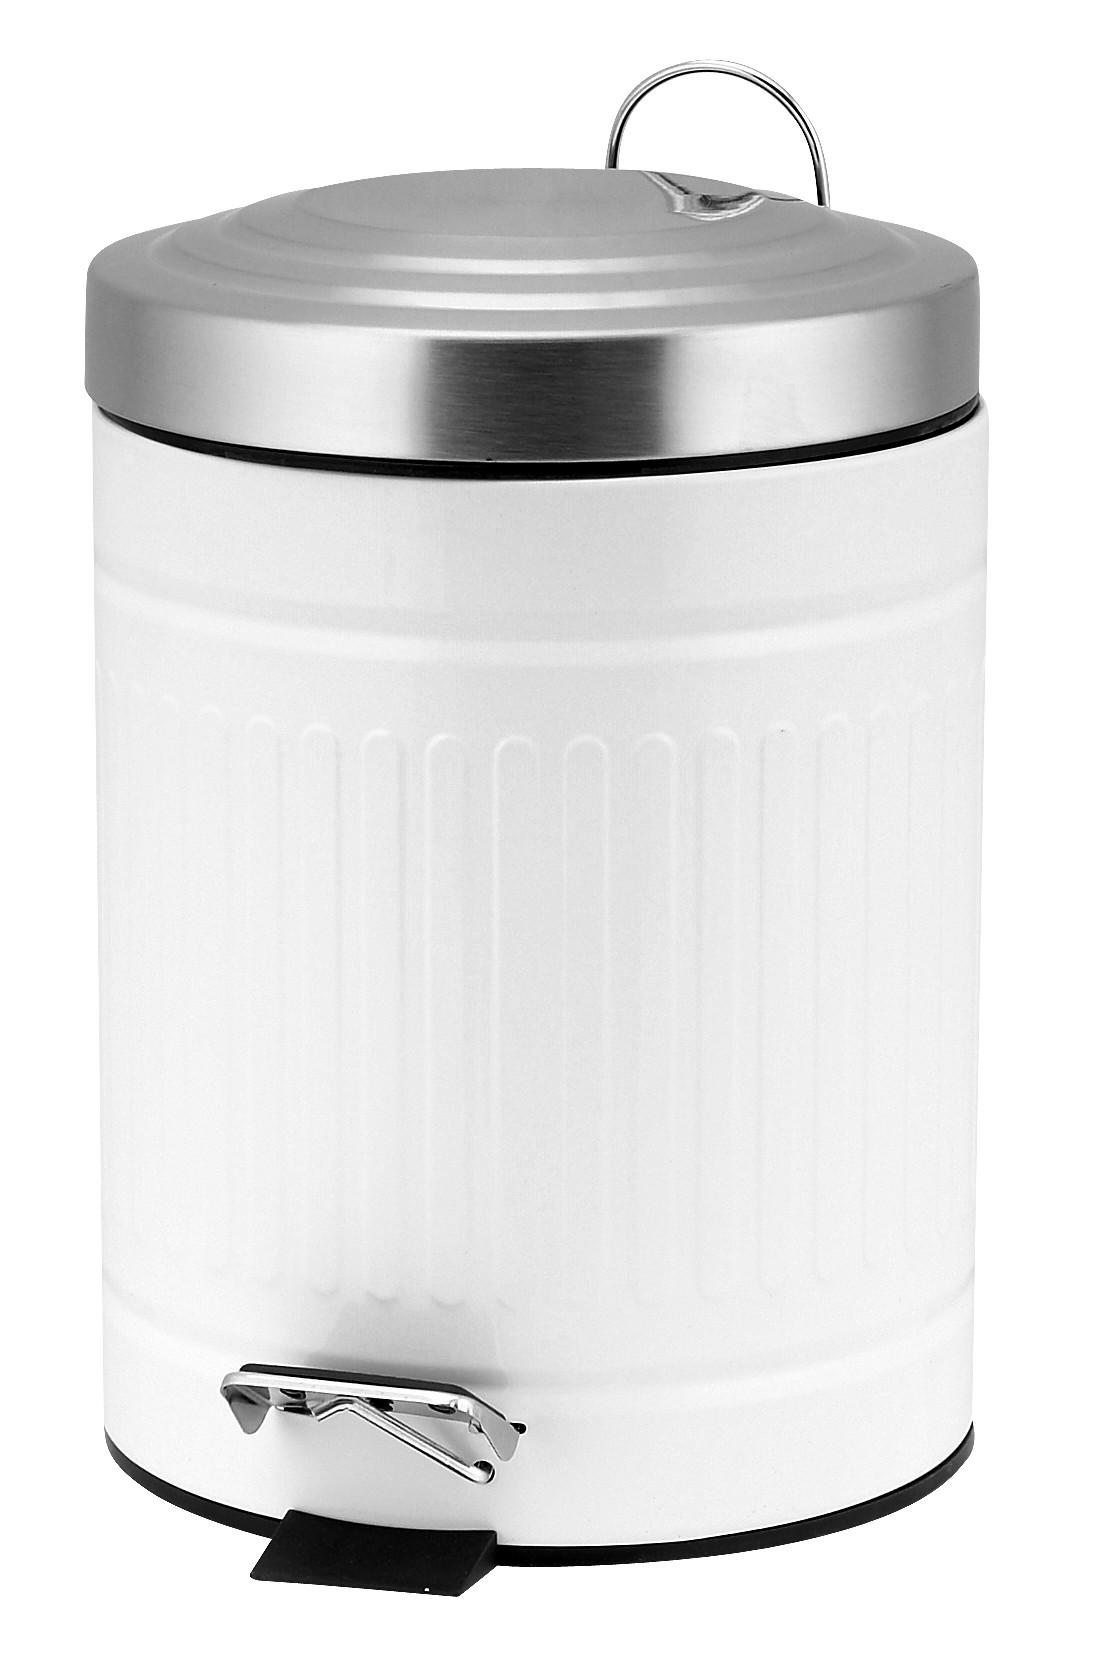 πεντάλ 5lit παραδοσιακό στρογγυλό λευκό home   ειδη μπανιου   πετάλ